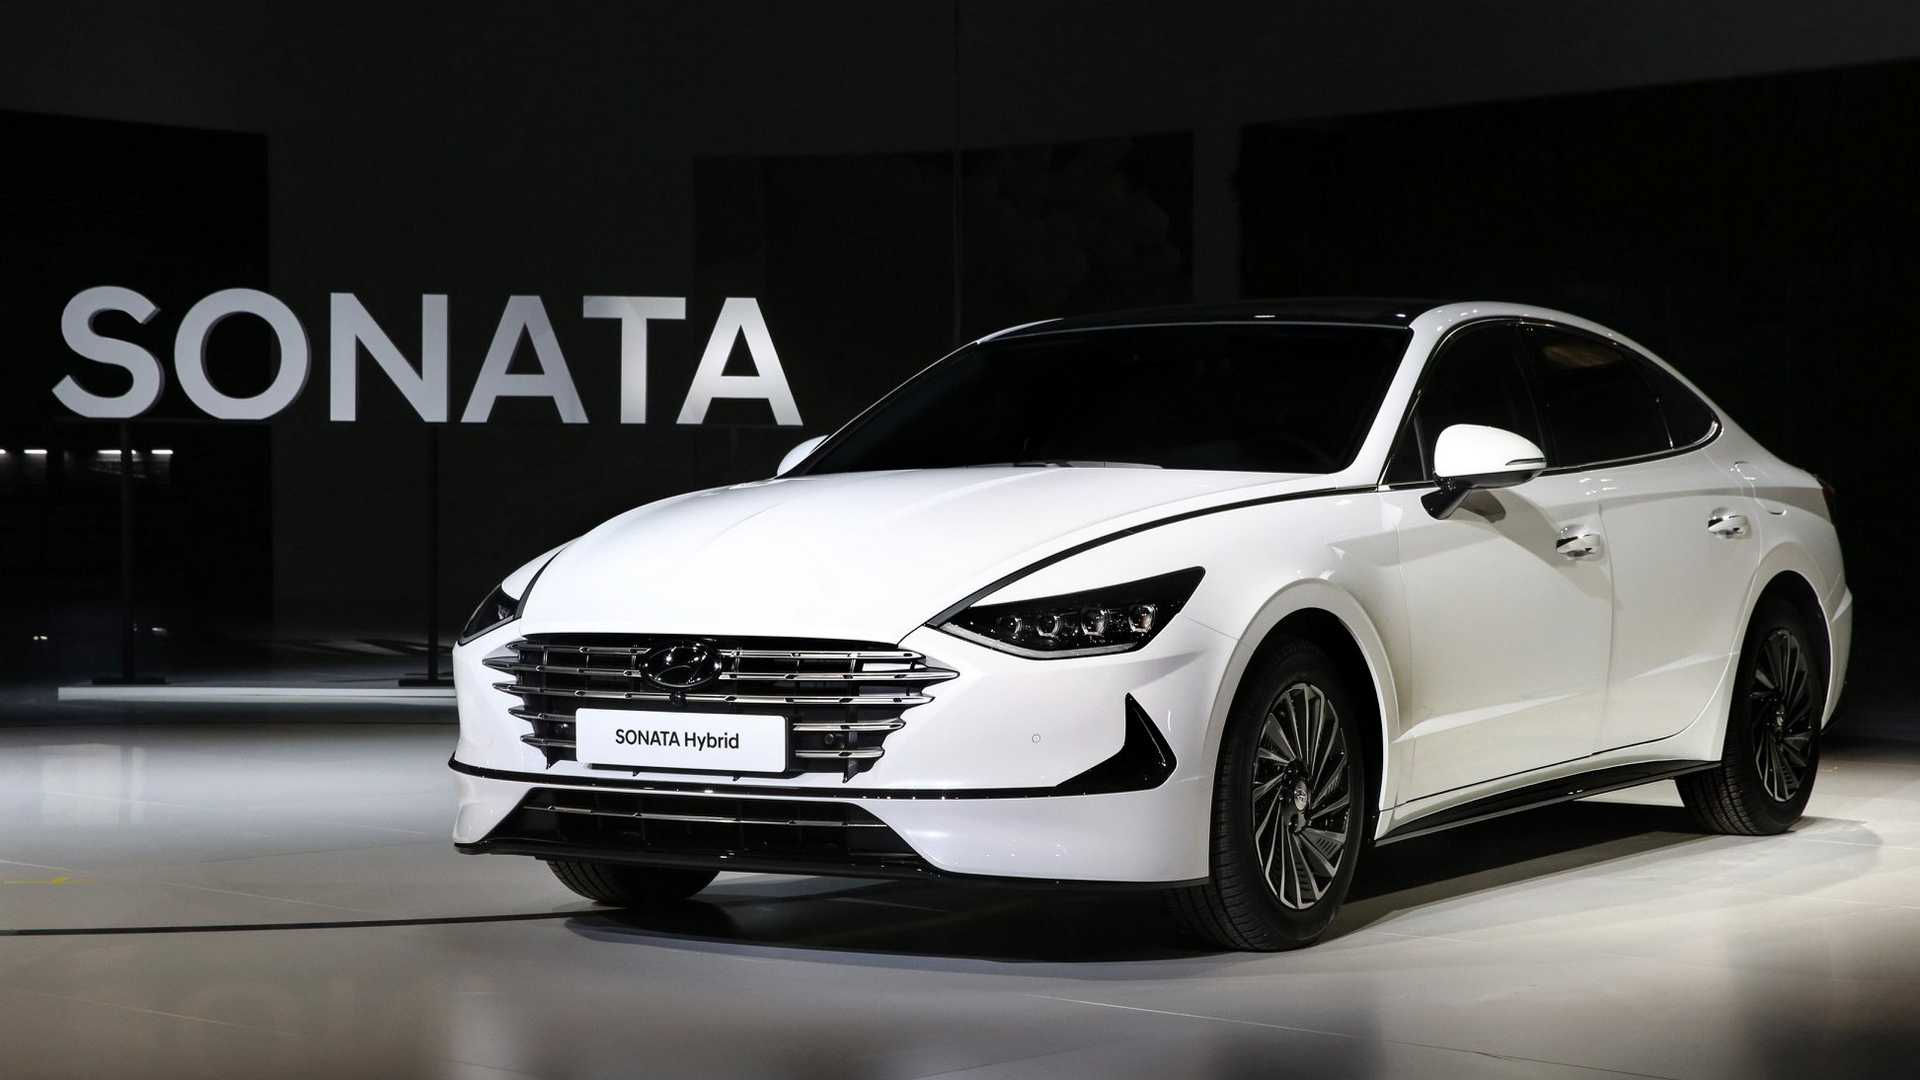 2020-hyundai-sonata-hybrid (1).jpg